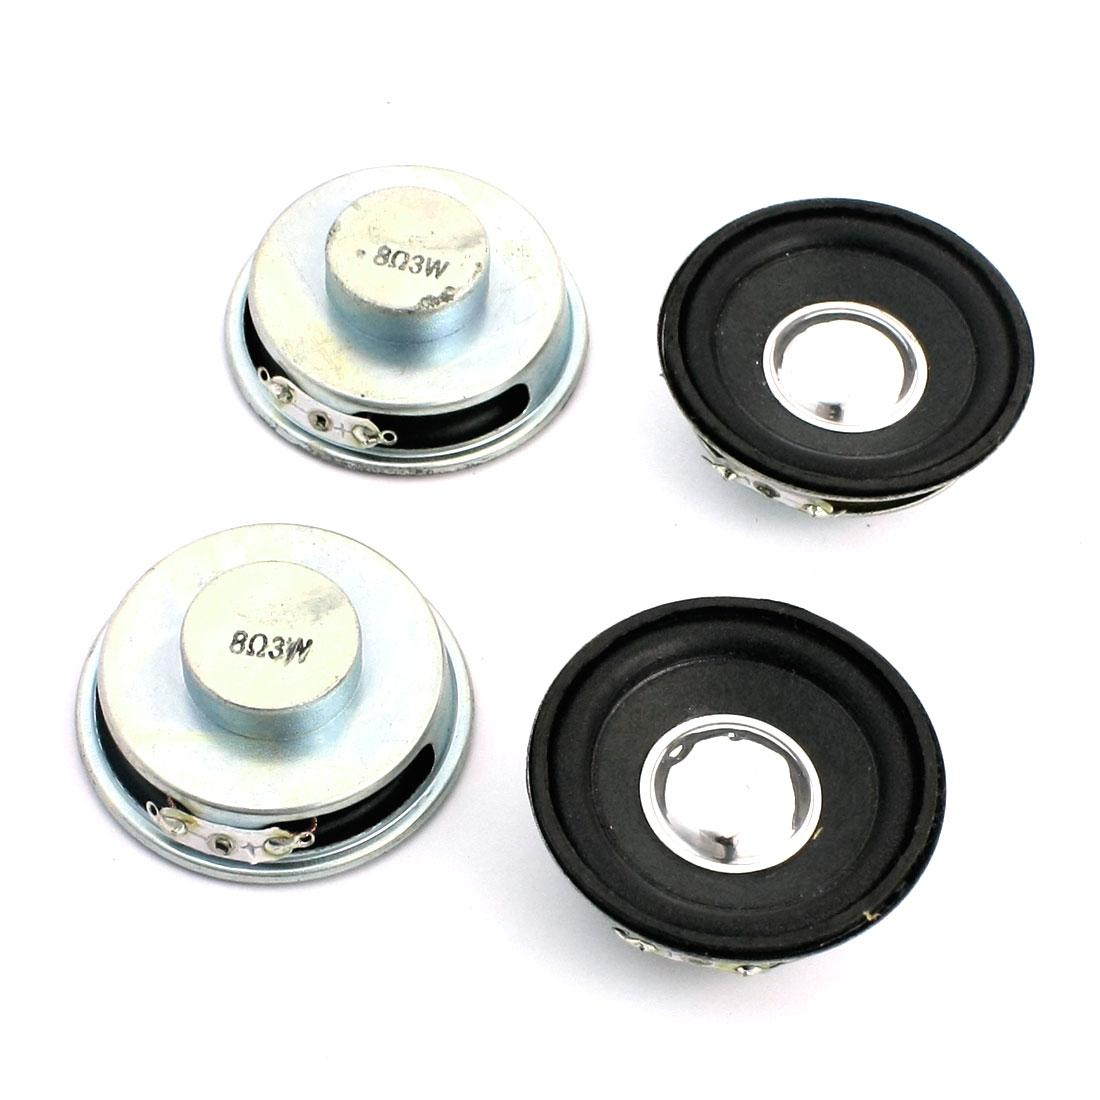 4 Pcs 3W 8 Ohm 50mm Round Aluminum Shell Internal Magnetic Type Full Range Car Speaker Amplifier Loudspeaker Trumpet